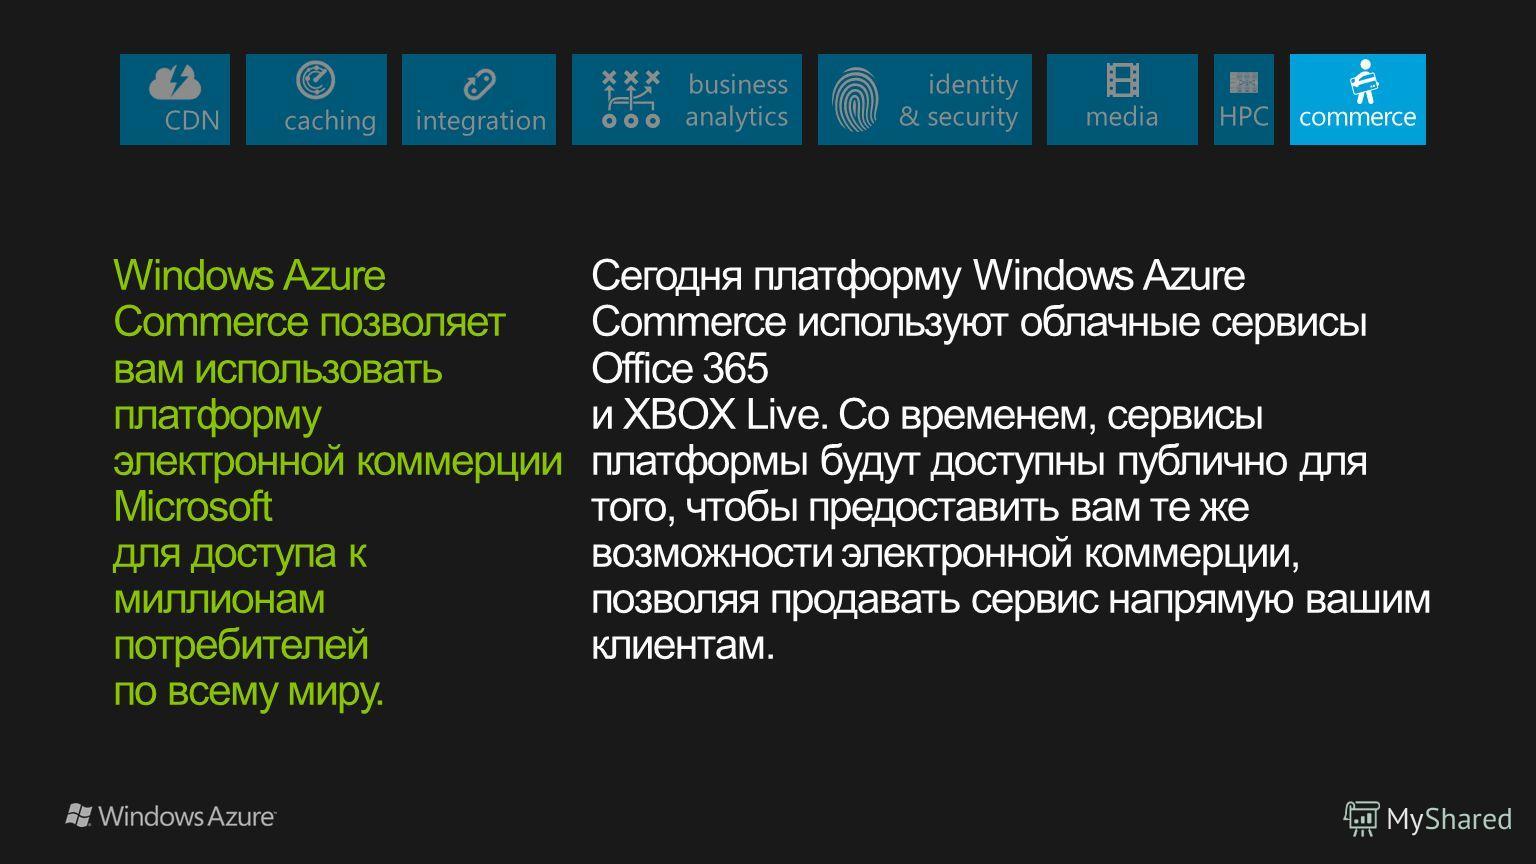 Windows Azure Commerce позволяет вам использовать платформу электронной коммерции Microsoft для доступа к миллионам потребителей по всему миру. Сегодня платформу Windows Azure Commerce используют облачные сервисы Office 365 и XBOX Live. Со временем,